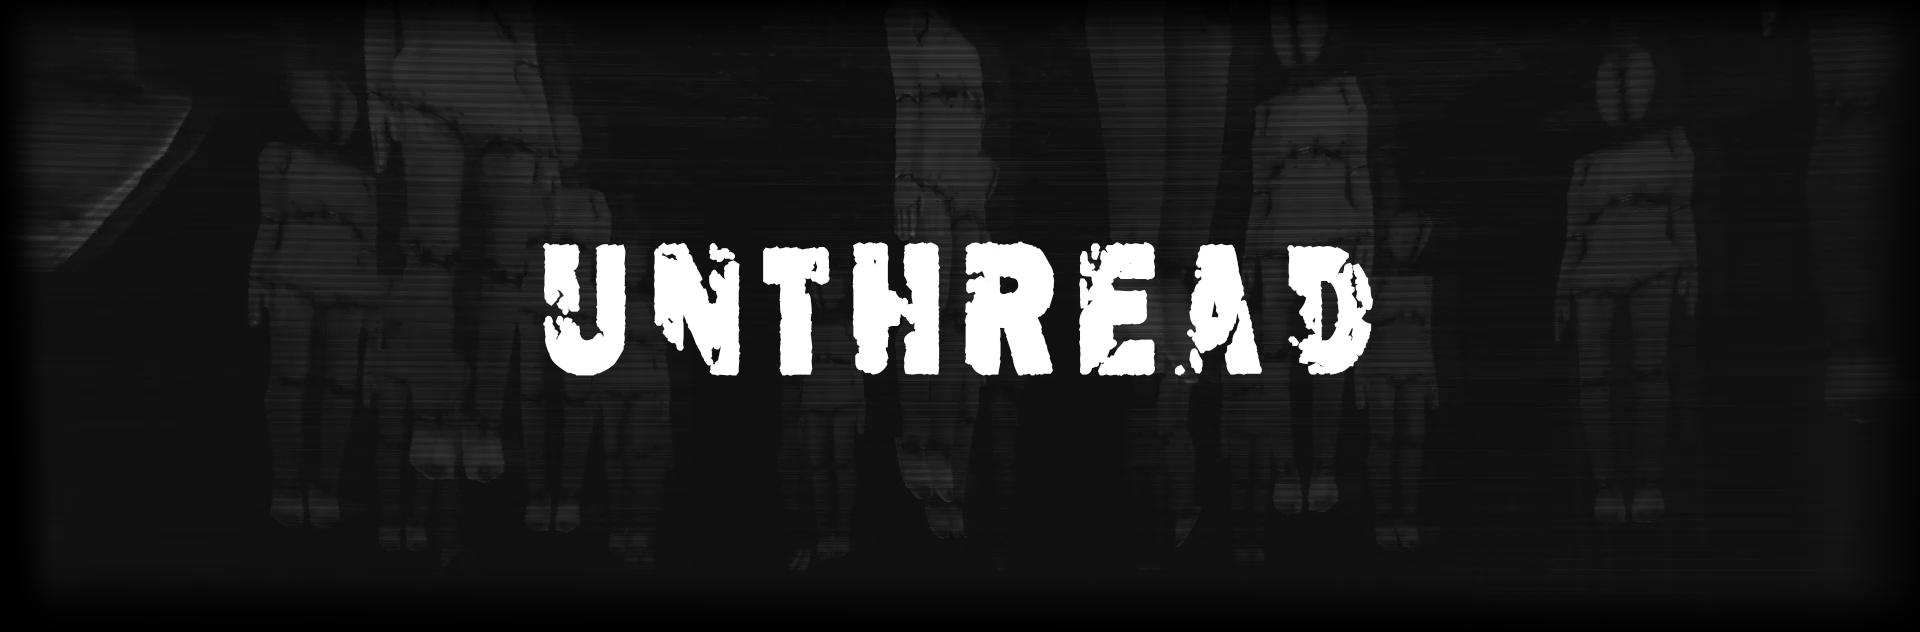 Unthread - Demo